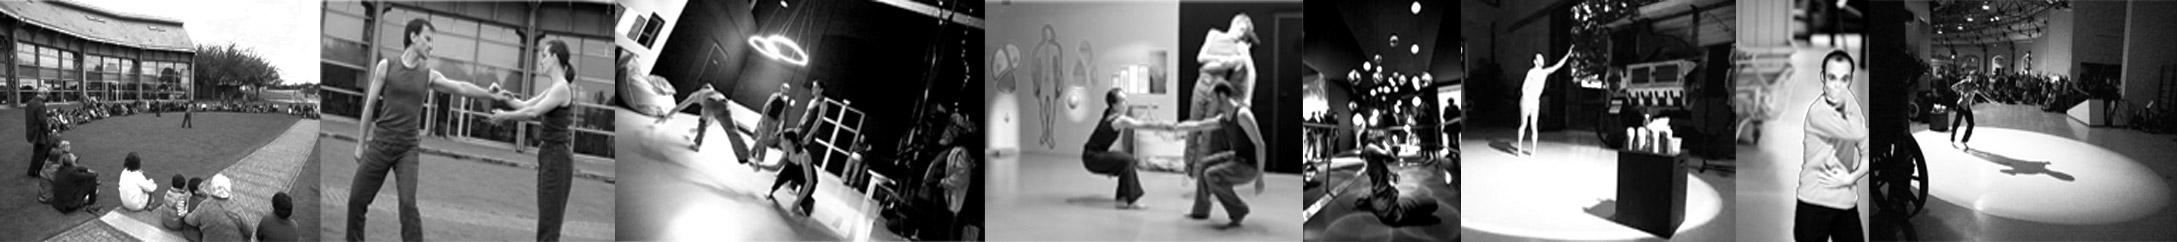 Identité(S) – Nuit Européenne des Musées 2010 – COMPAEt la terRe ? – Nuit Européenne des Musées 2010 – COMPA - cliquer pour accéder à l'album couleur !